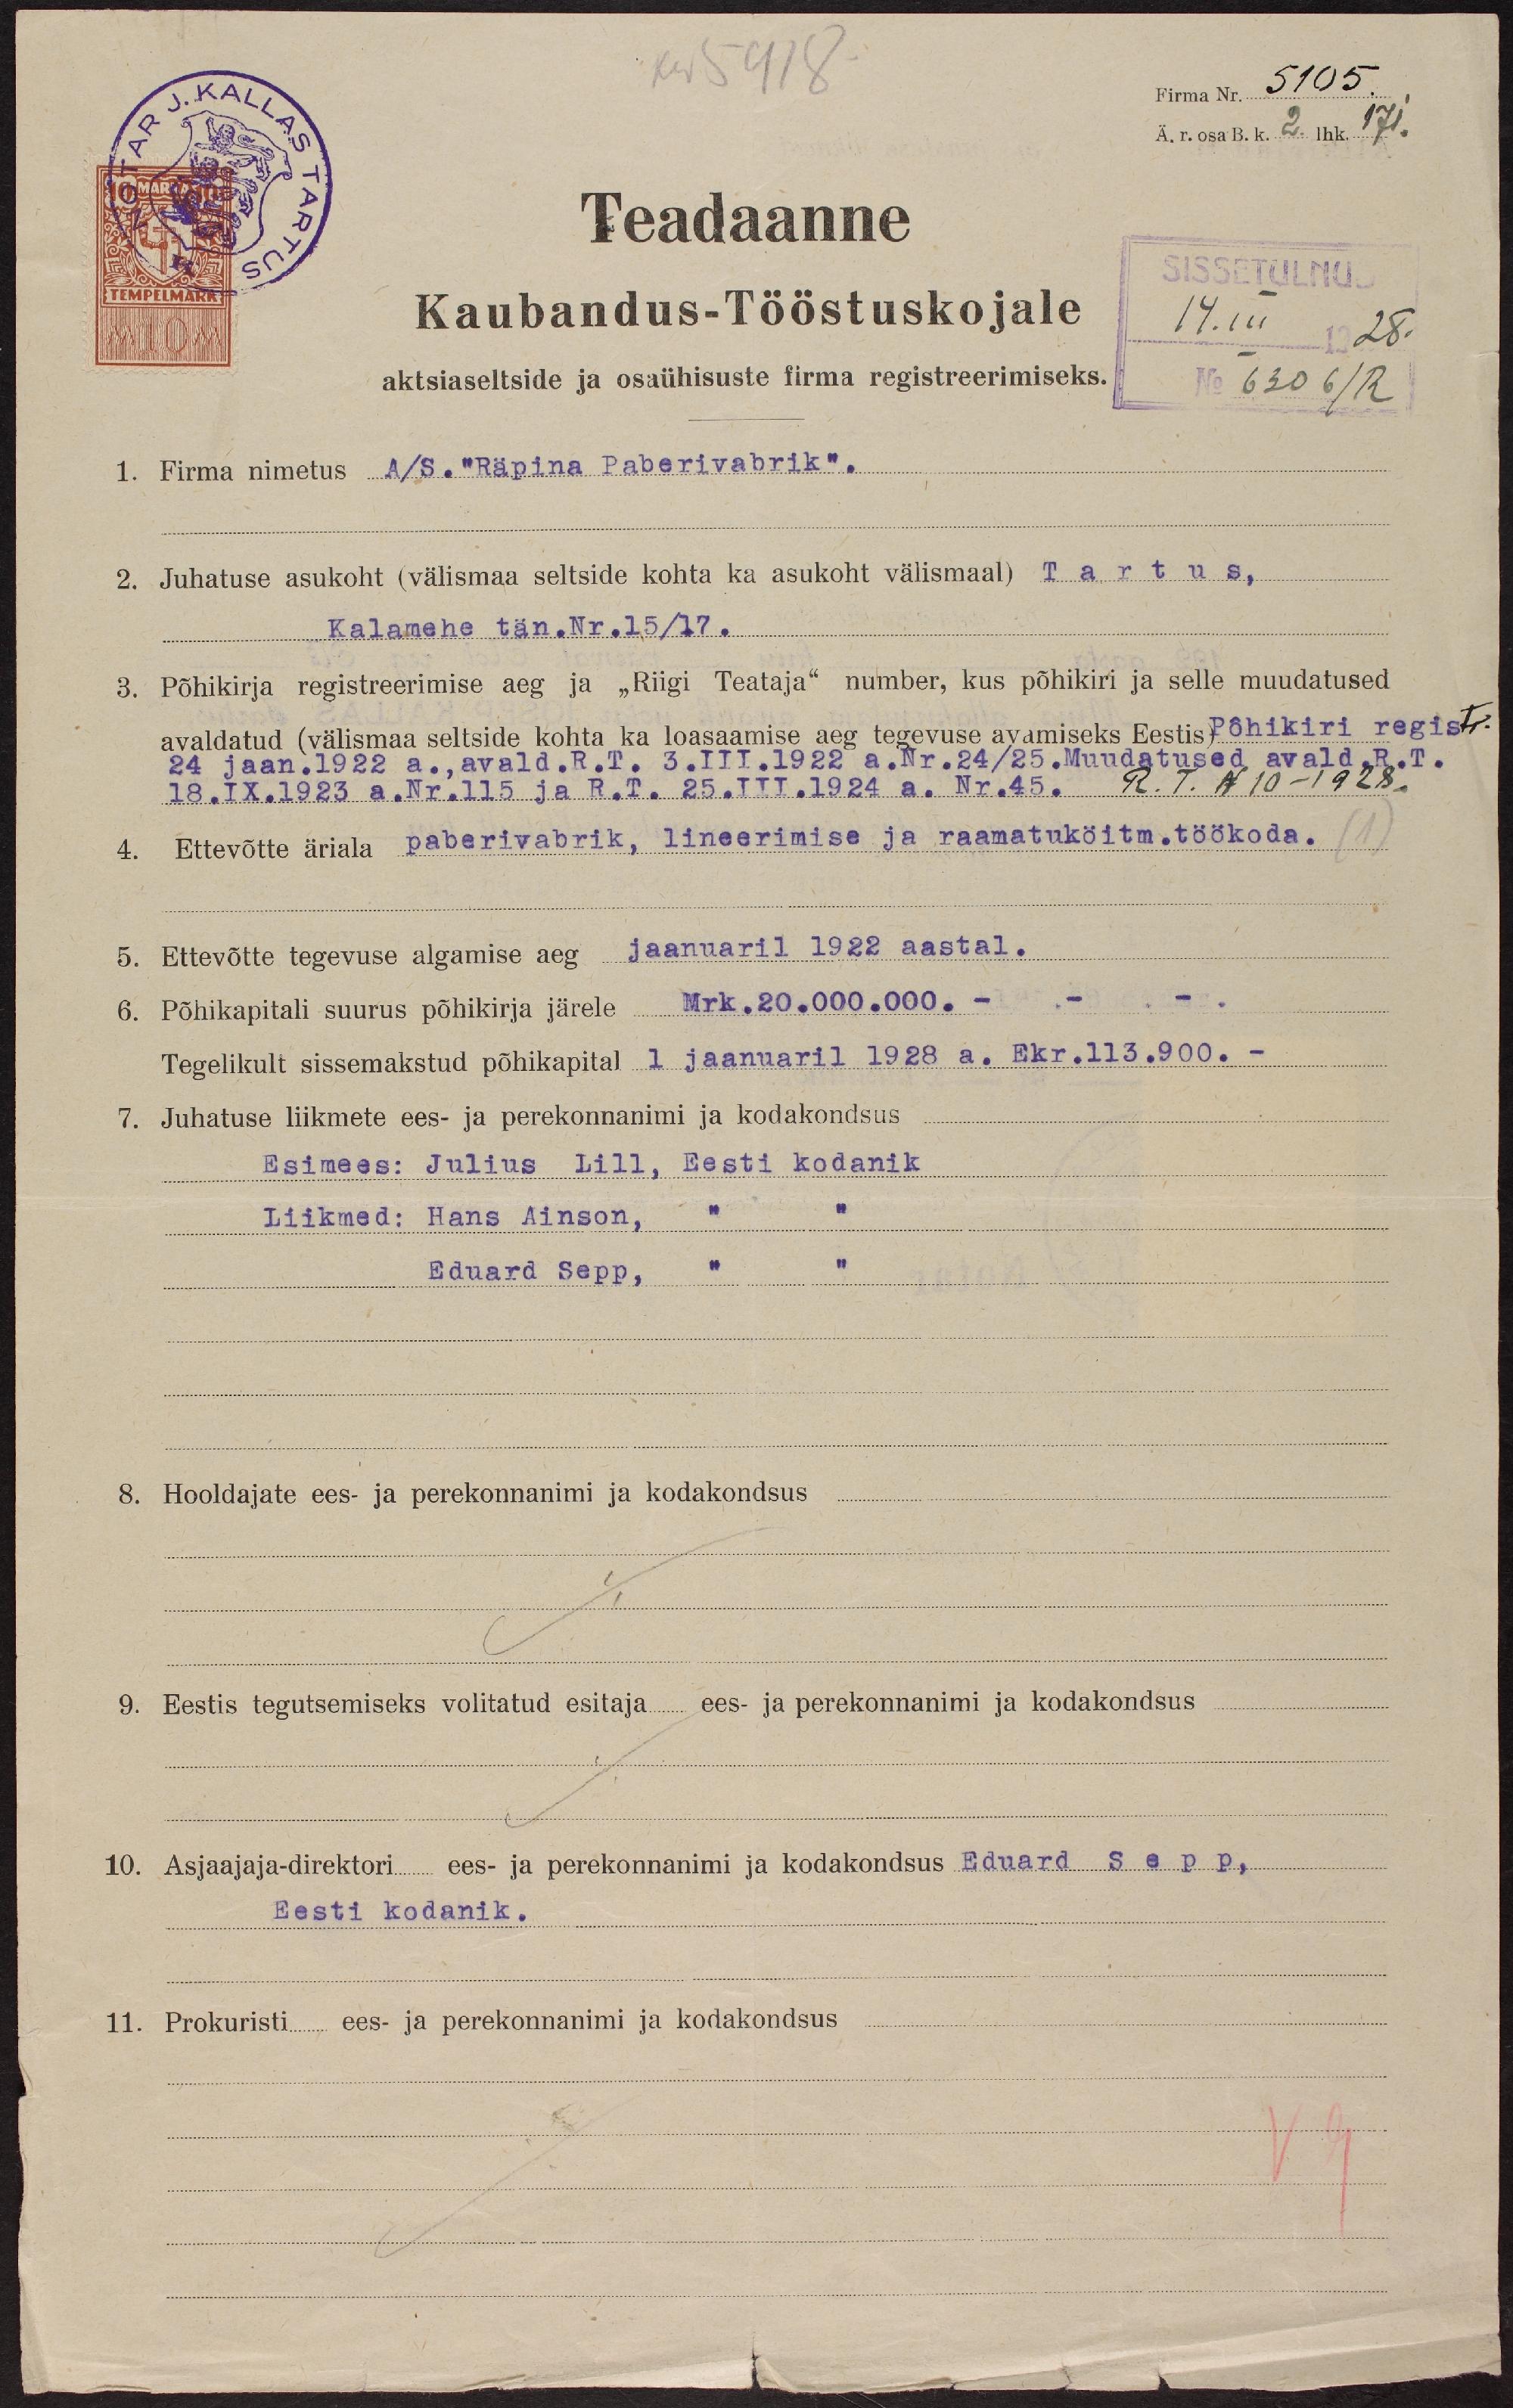 A/S Räpina paberivabriku registreerimise avaldus, 1928. ERA.891.2.5105